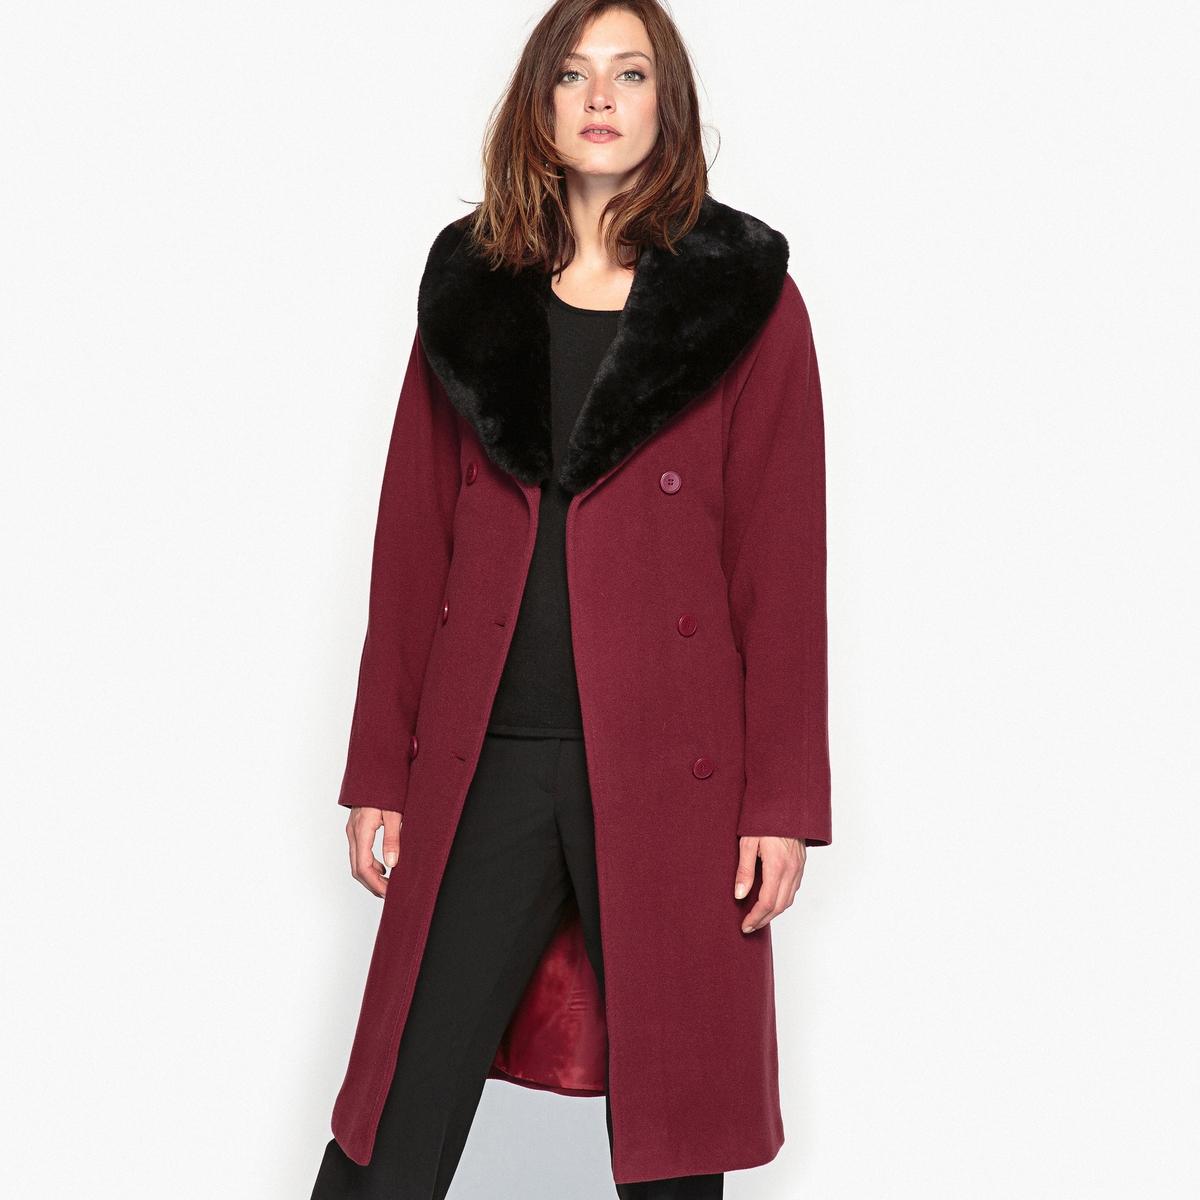 Пальто из шерсти и кашемира, длина 100 см пальто из шерстяного драпа 70